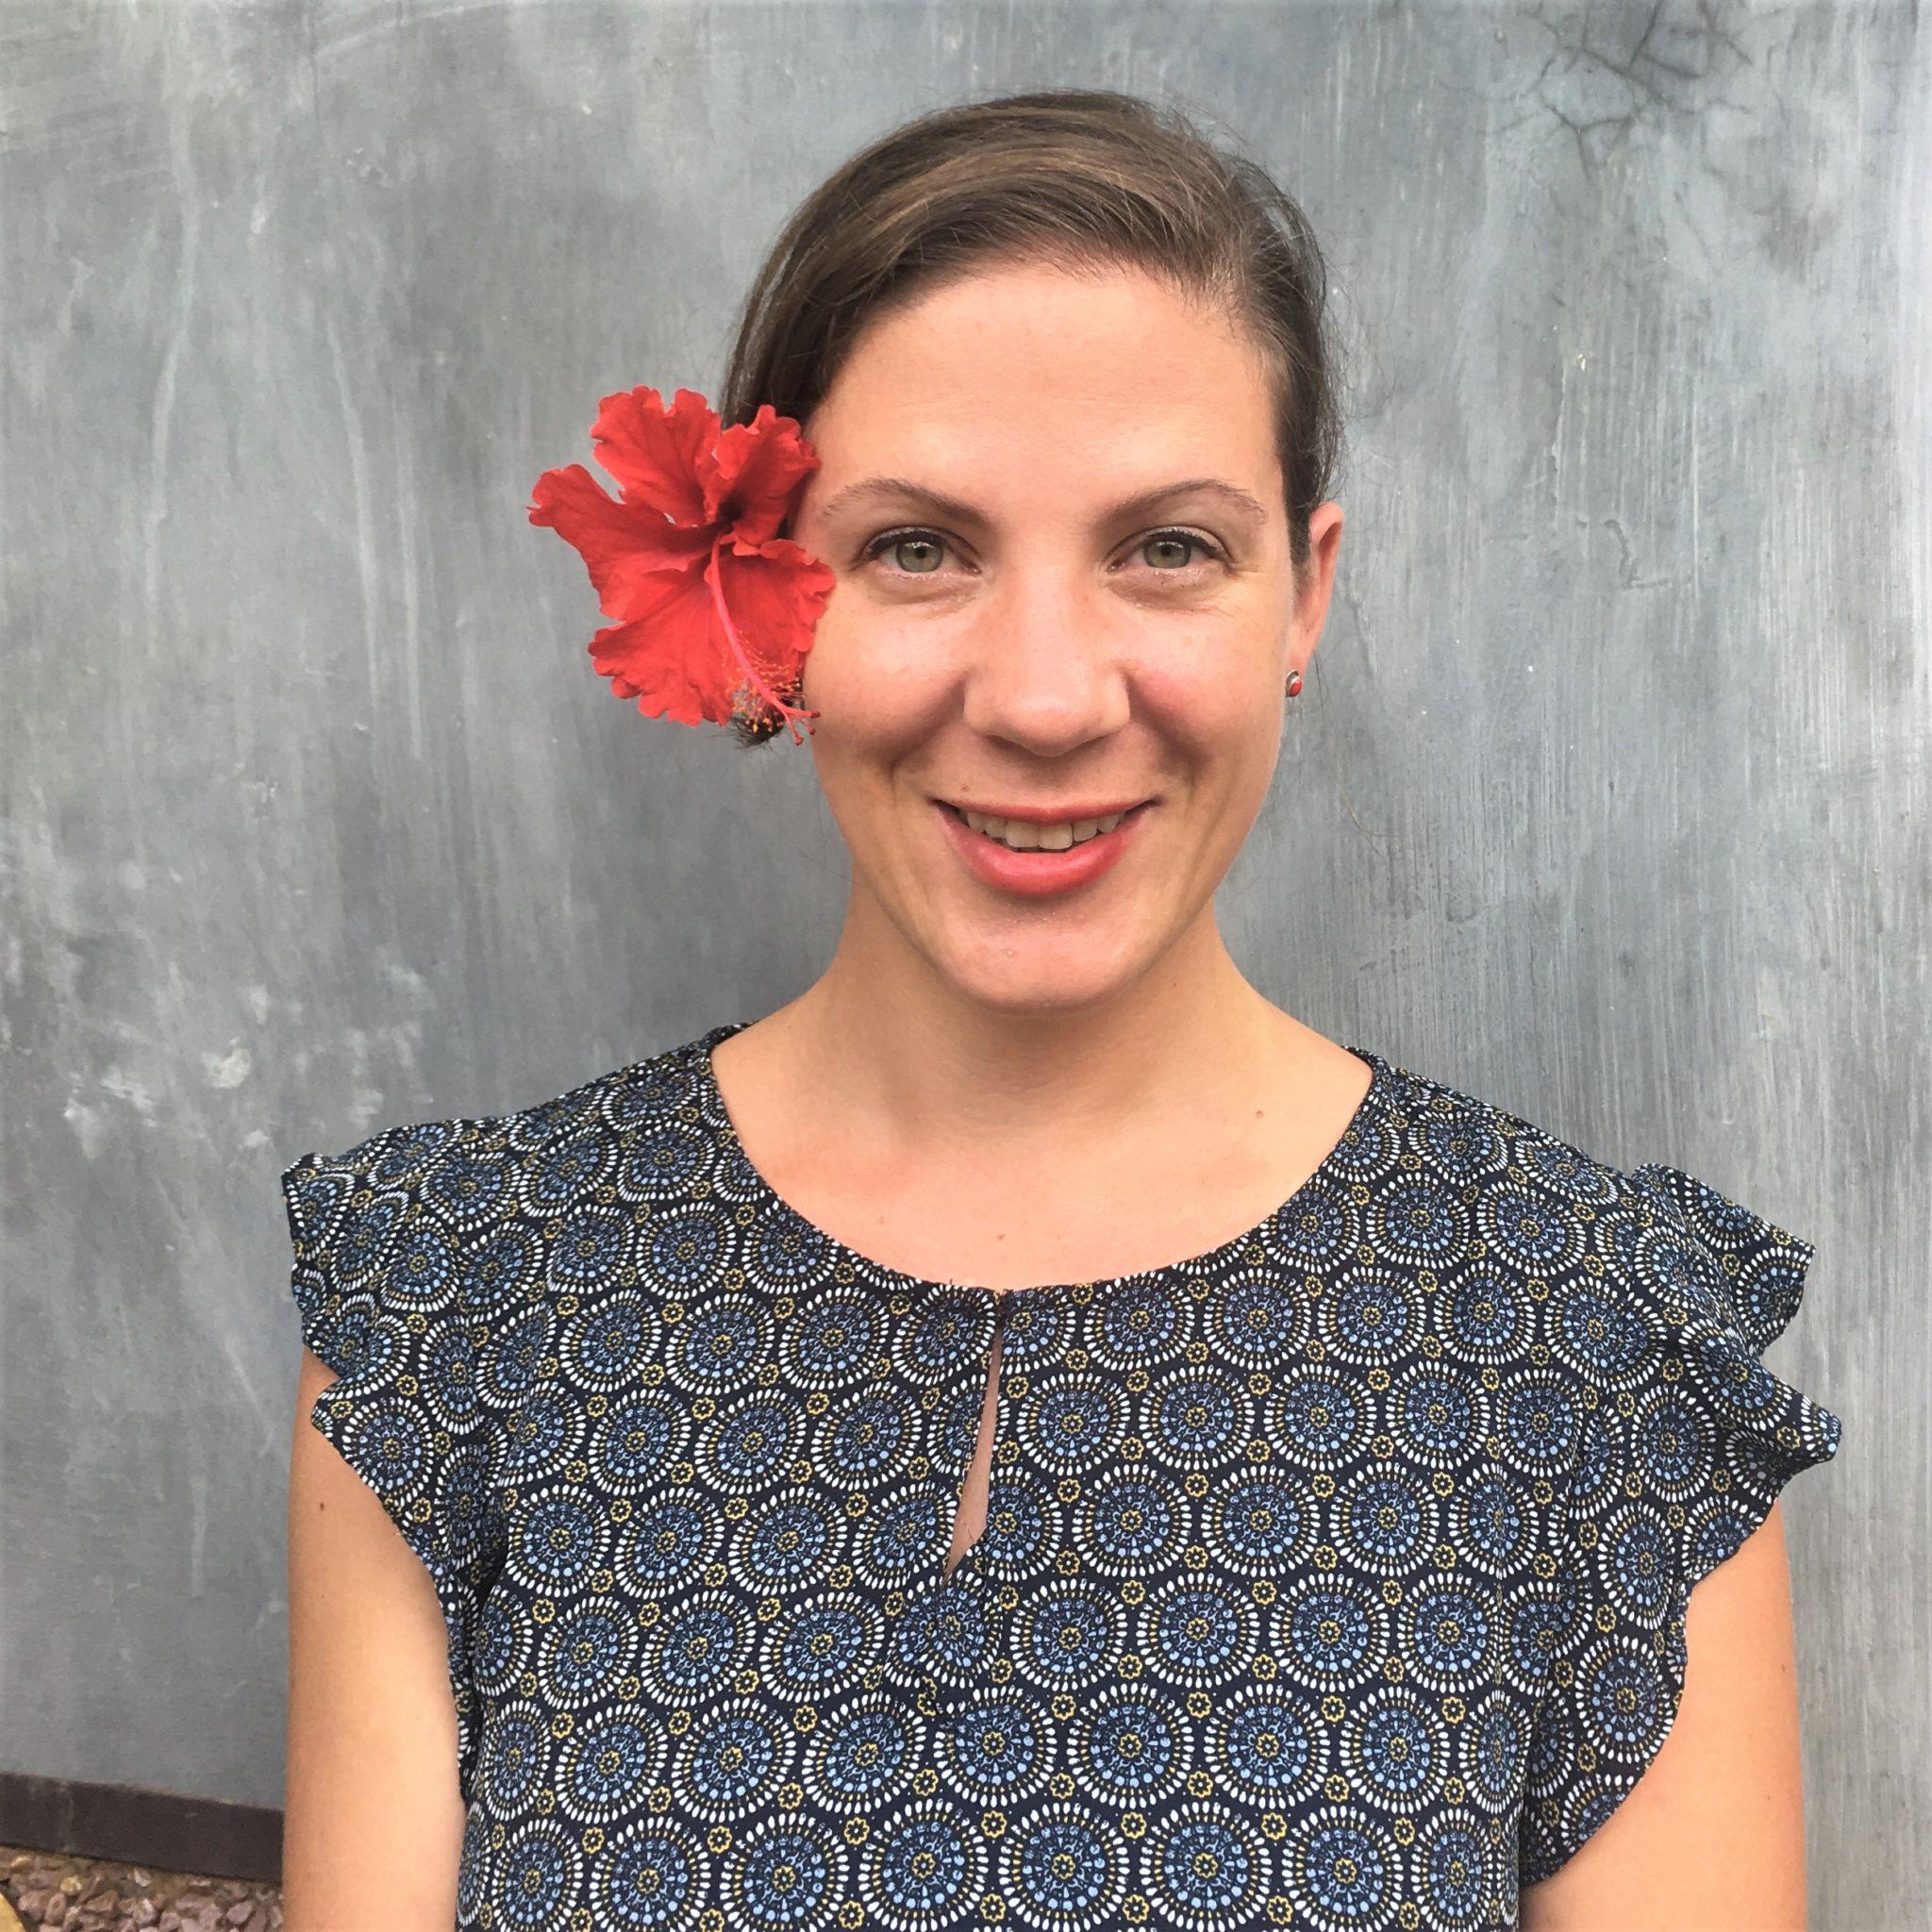 Ich mit roter Blume vor grauem Hintergrund